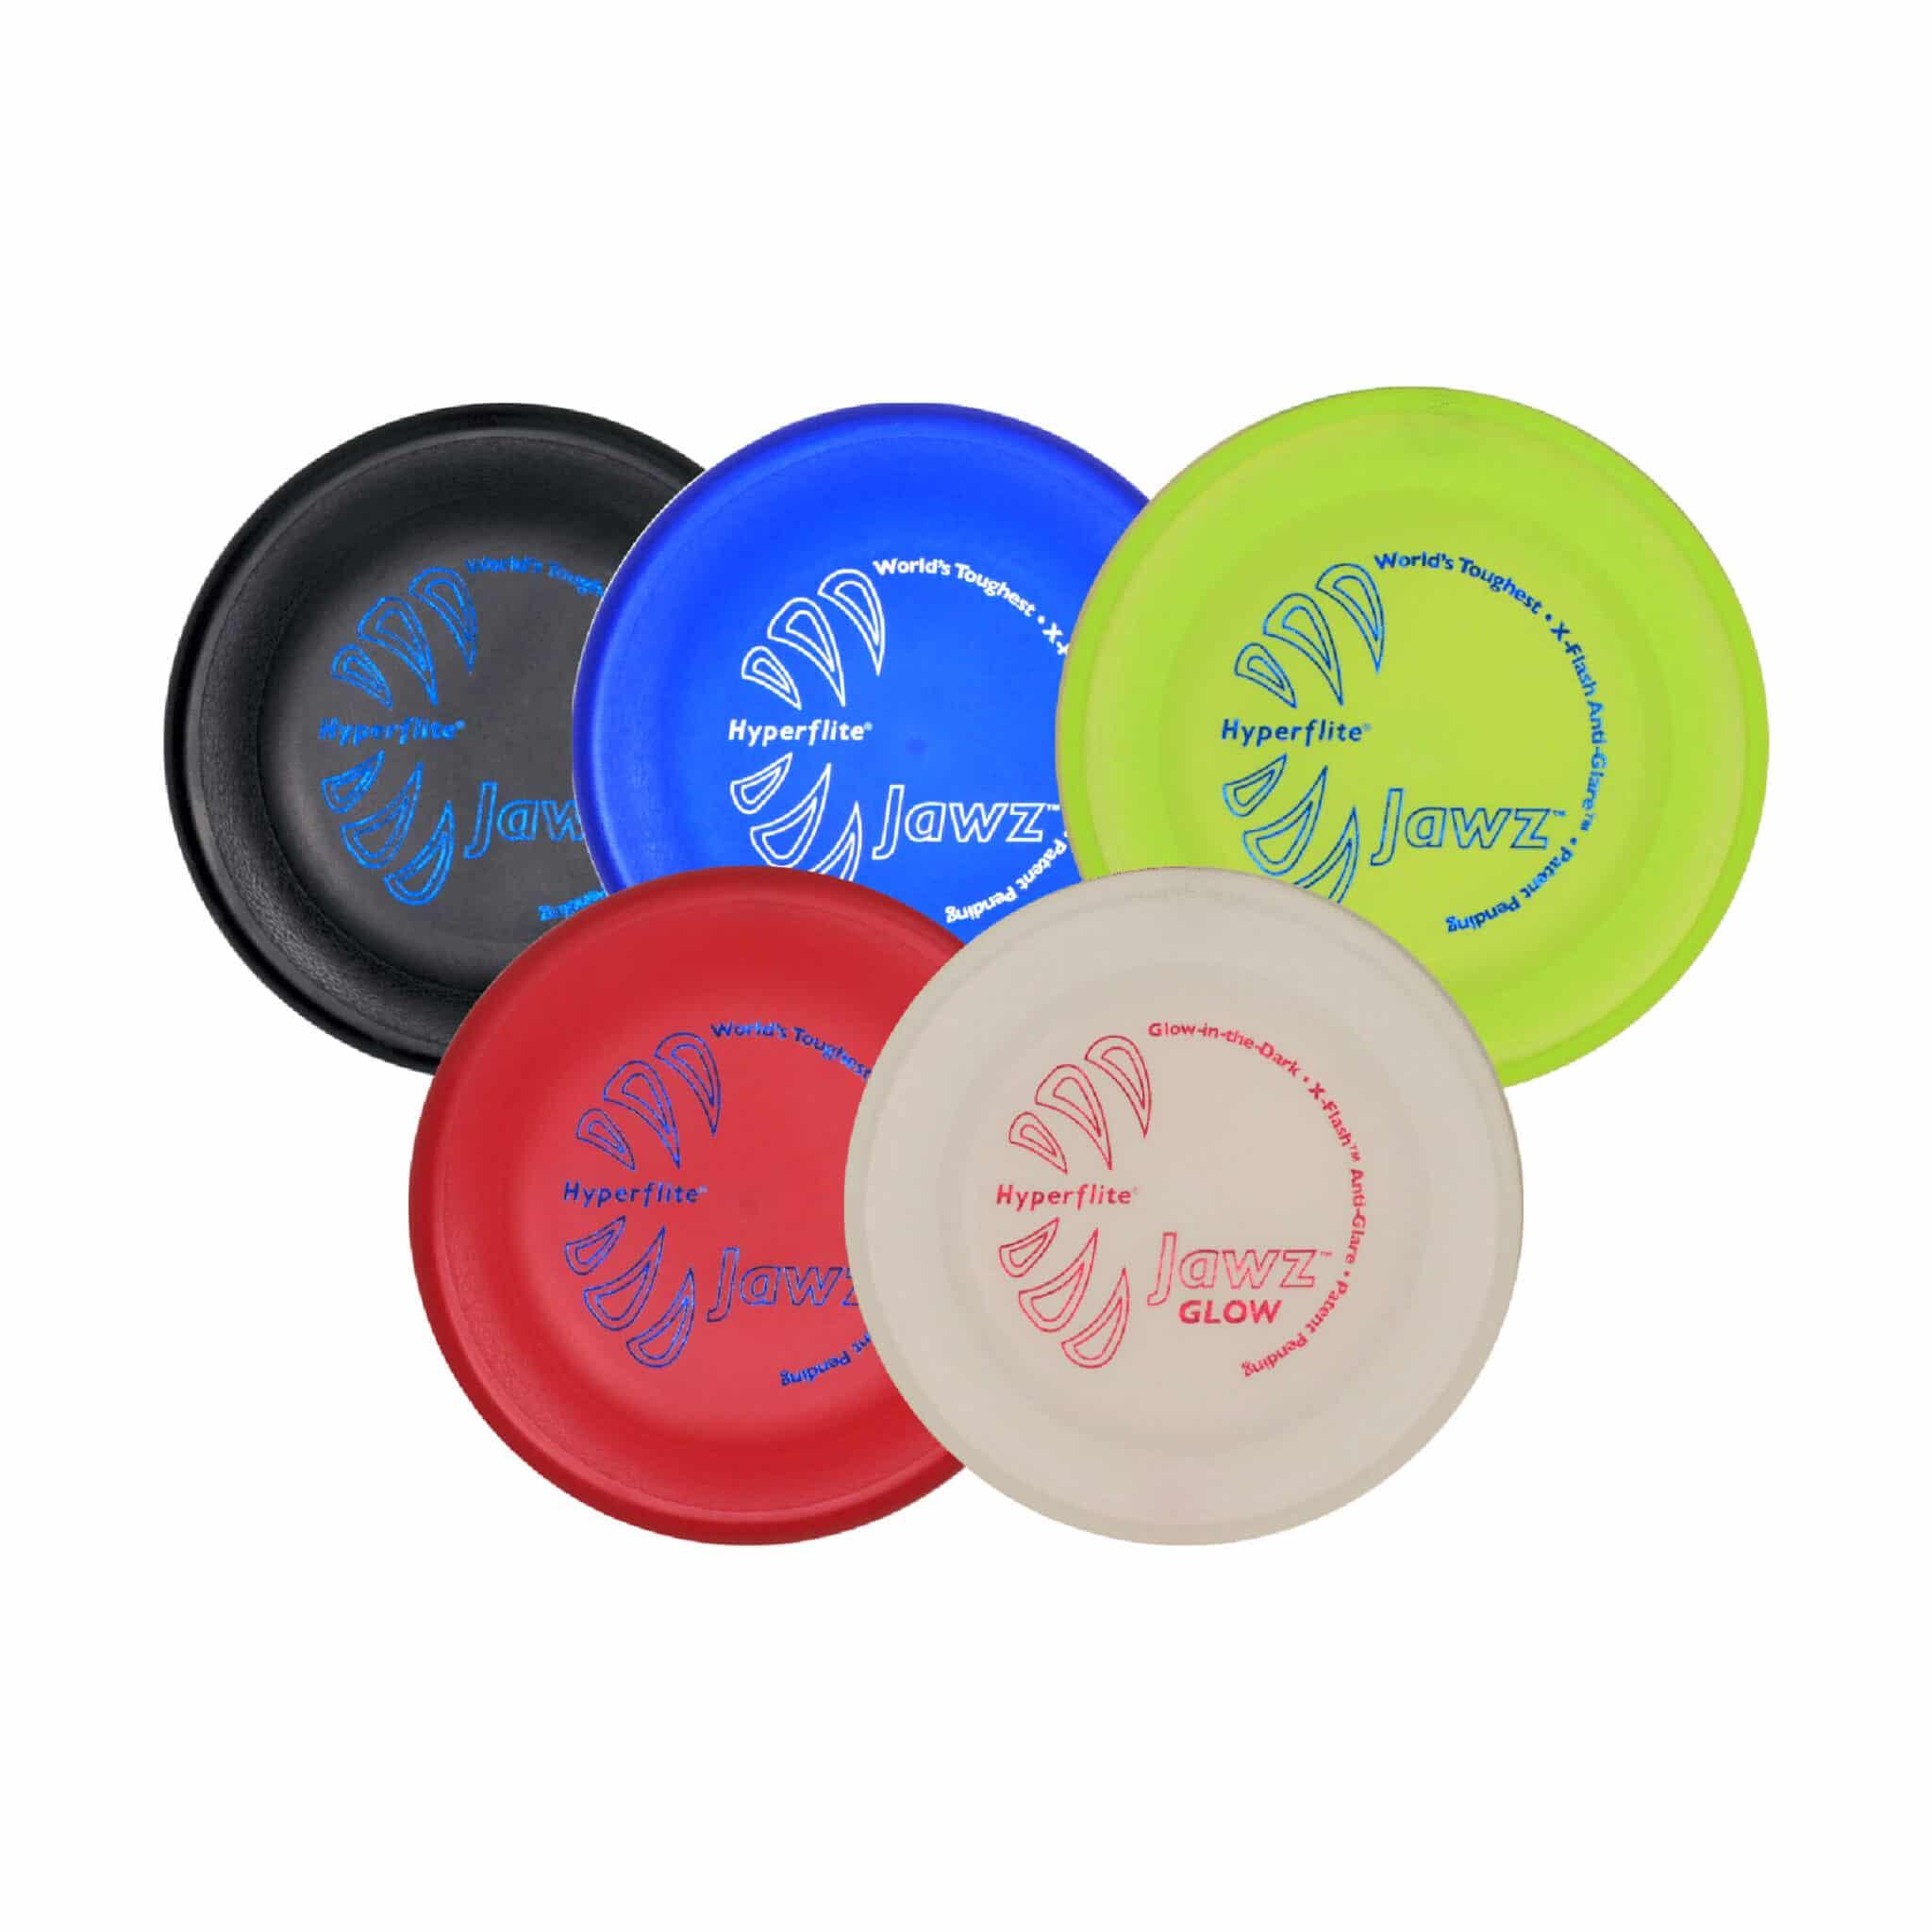 Product afbeelding voor Jawz Promo bundle 5 discs